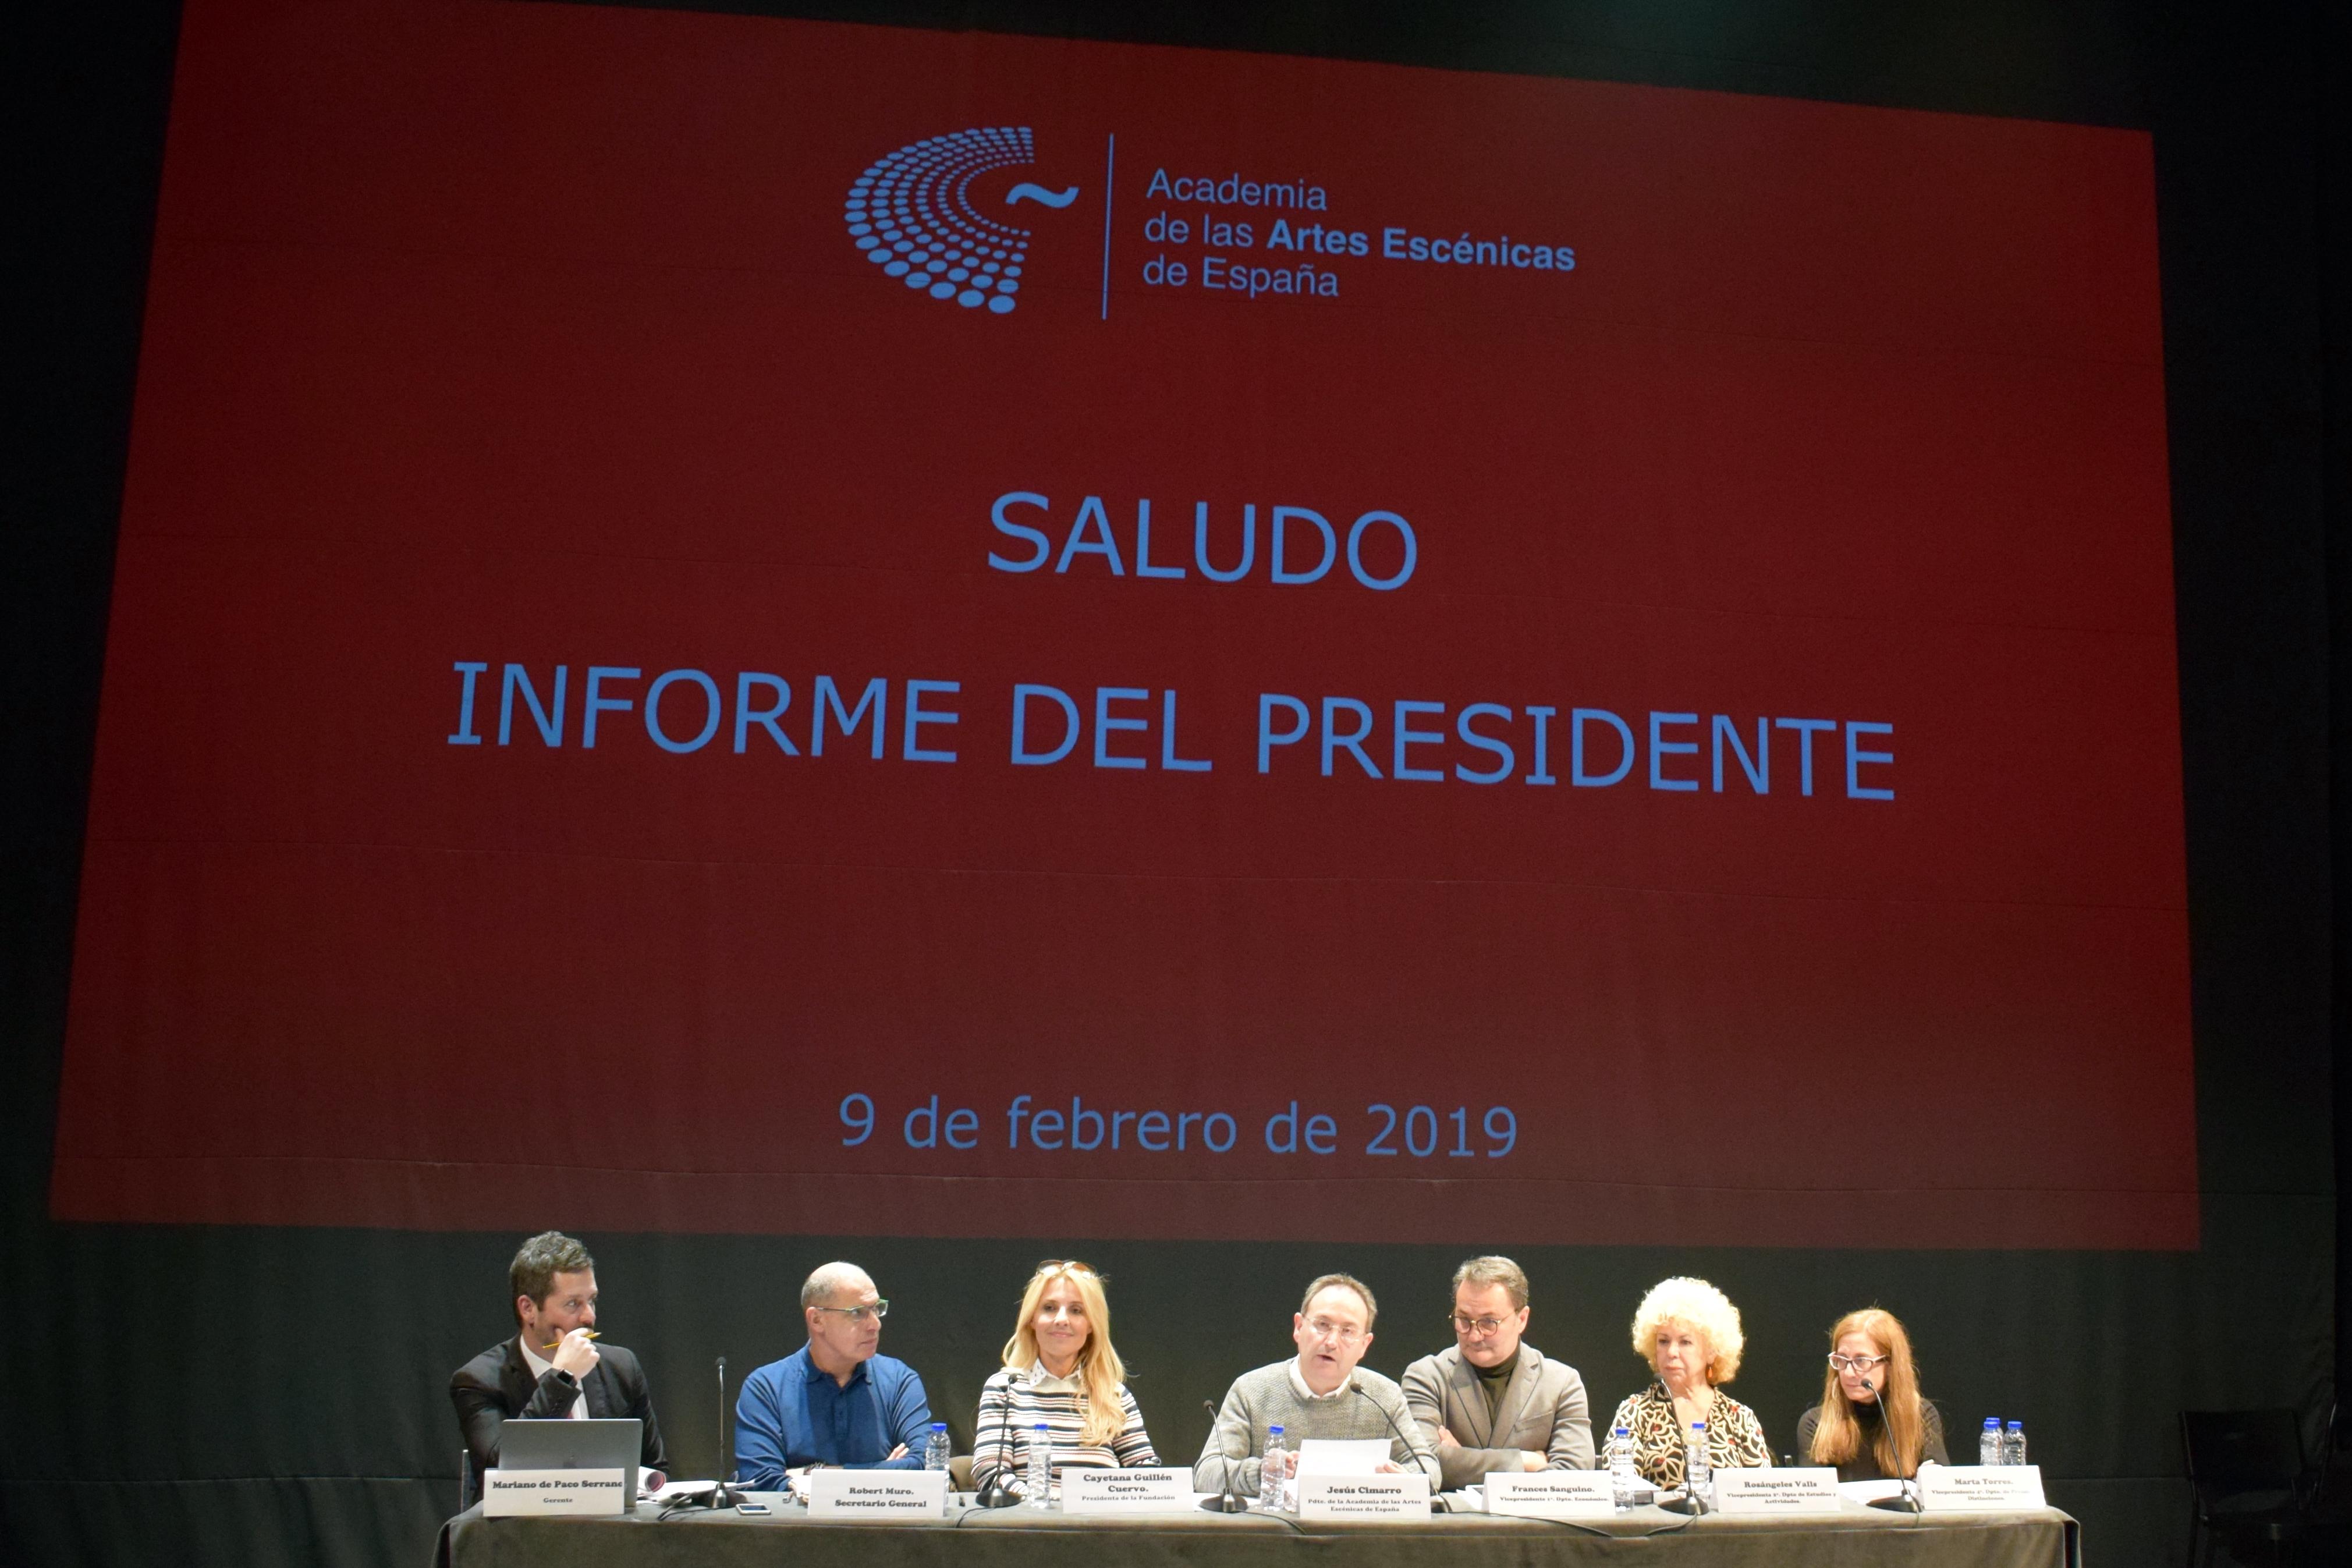 El presidente de la Academia de las Artes Escénicas de España Jesús Cimarro durante la Asamblea General de la entidad el 9 de febrero de 2019